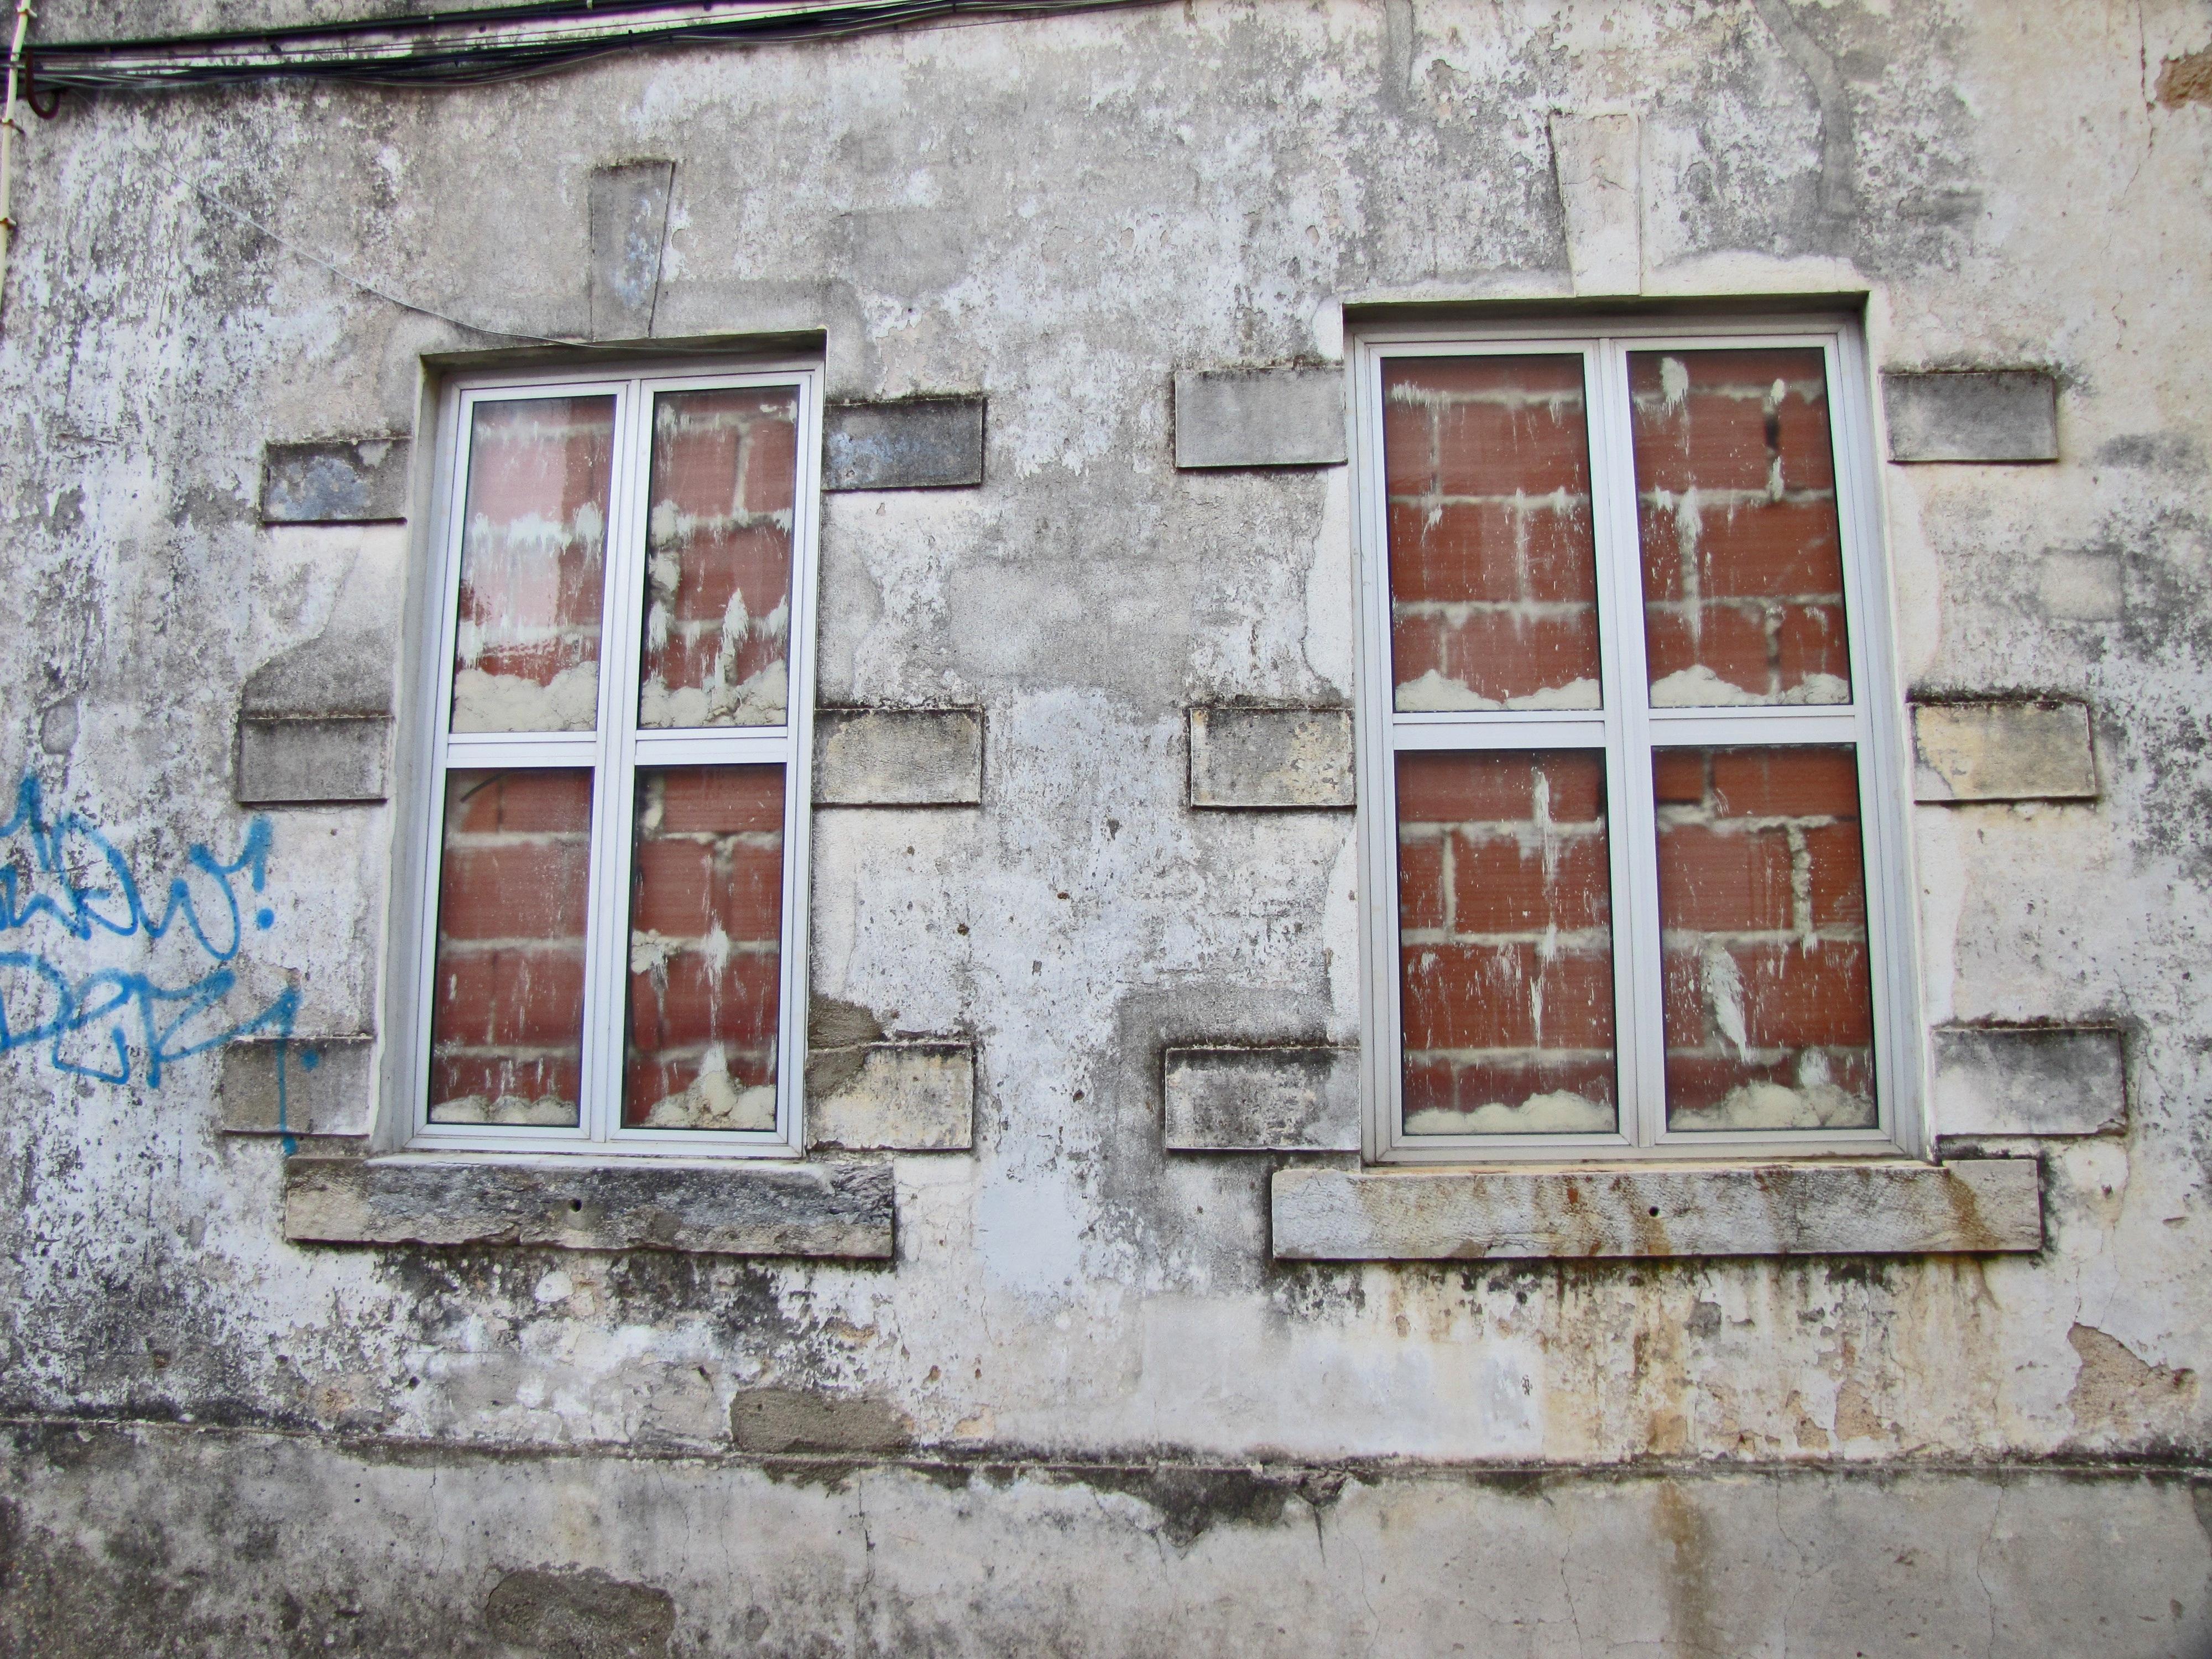 Images Gratuites : architecture, structure, bois, rue, fenêtre ...